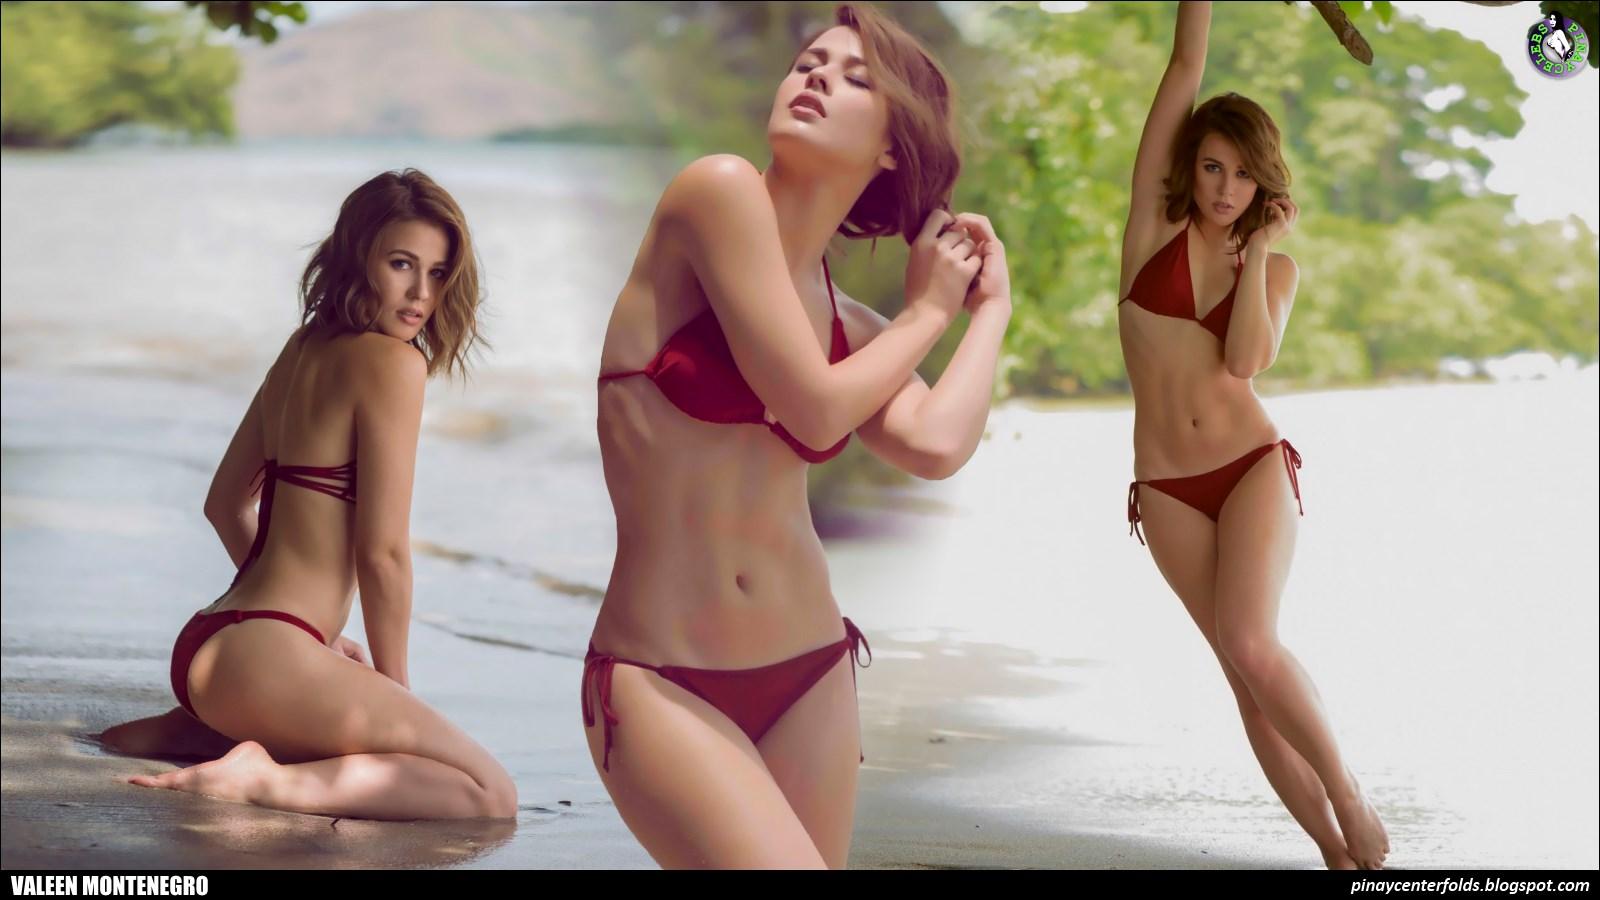 filipina fhm nude pics